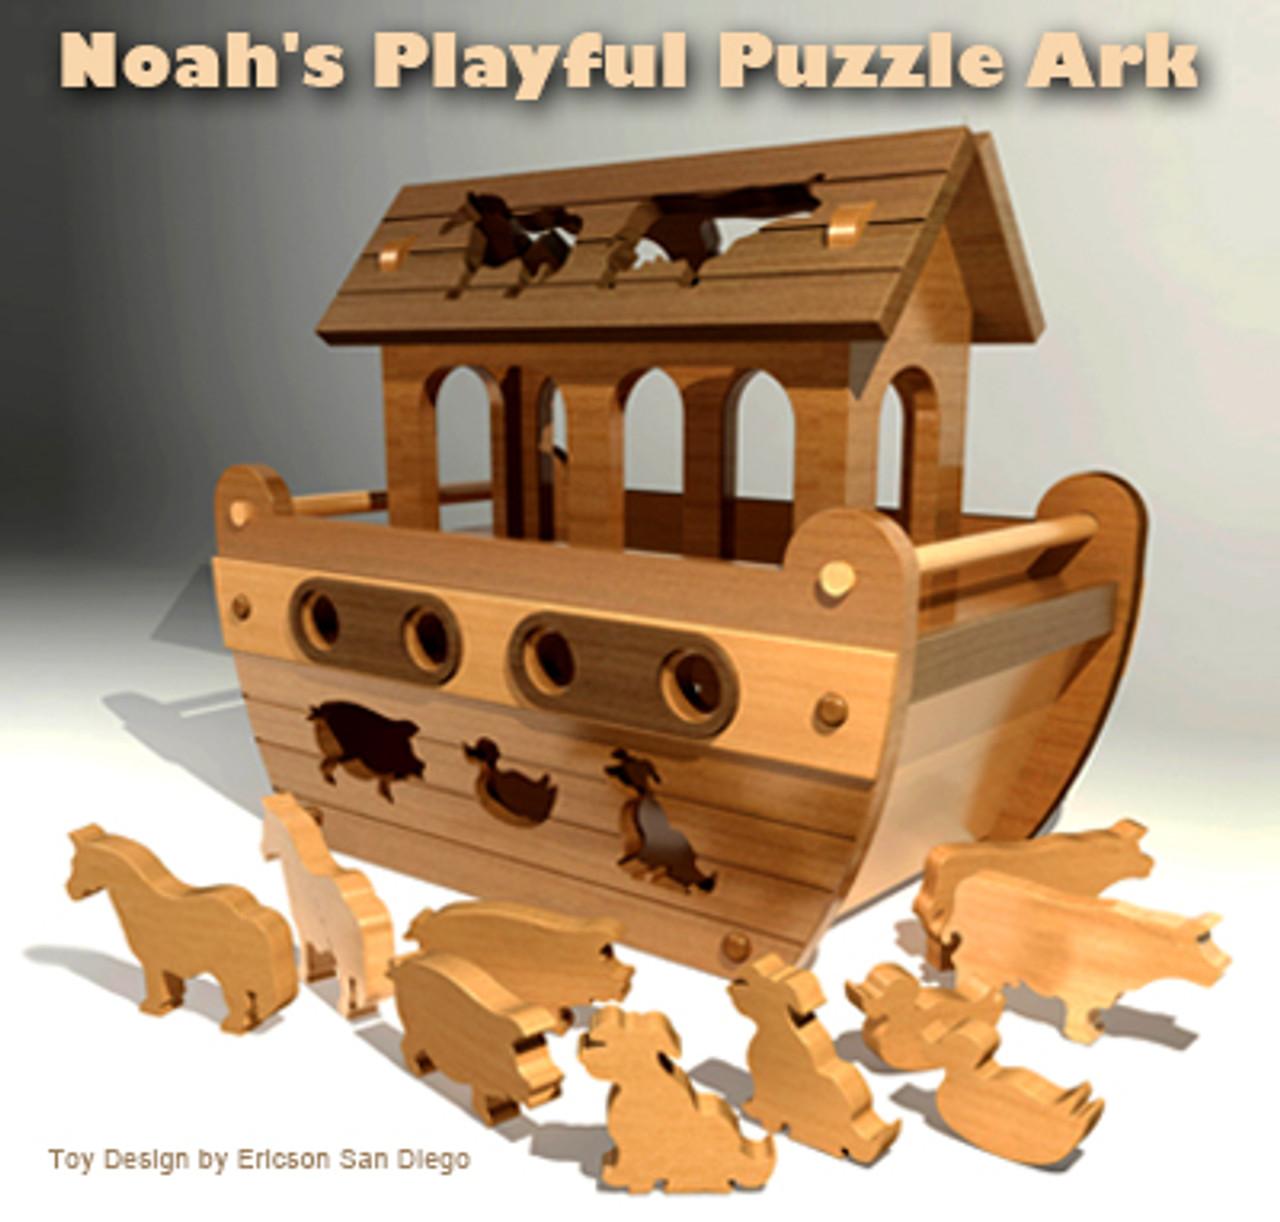 noah's playful puzzle ark wood toy plans (pdf download)